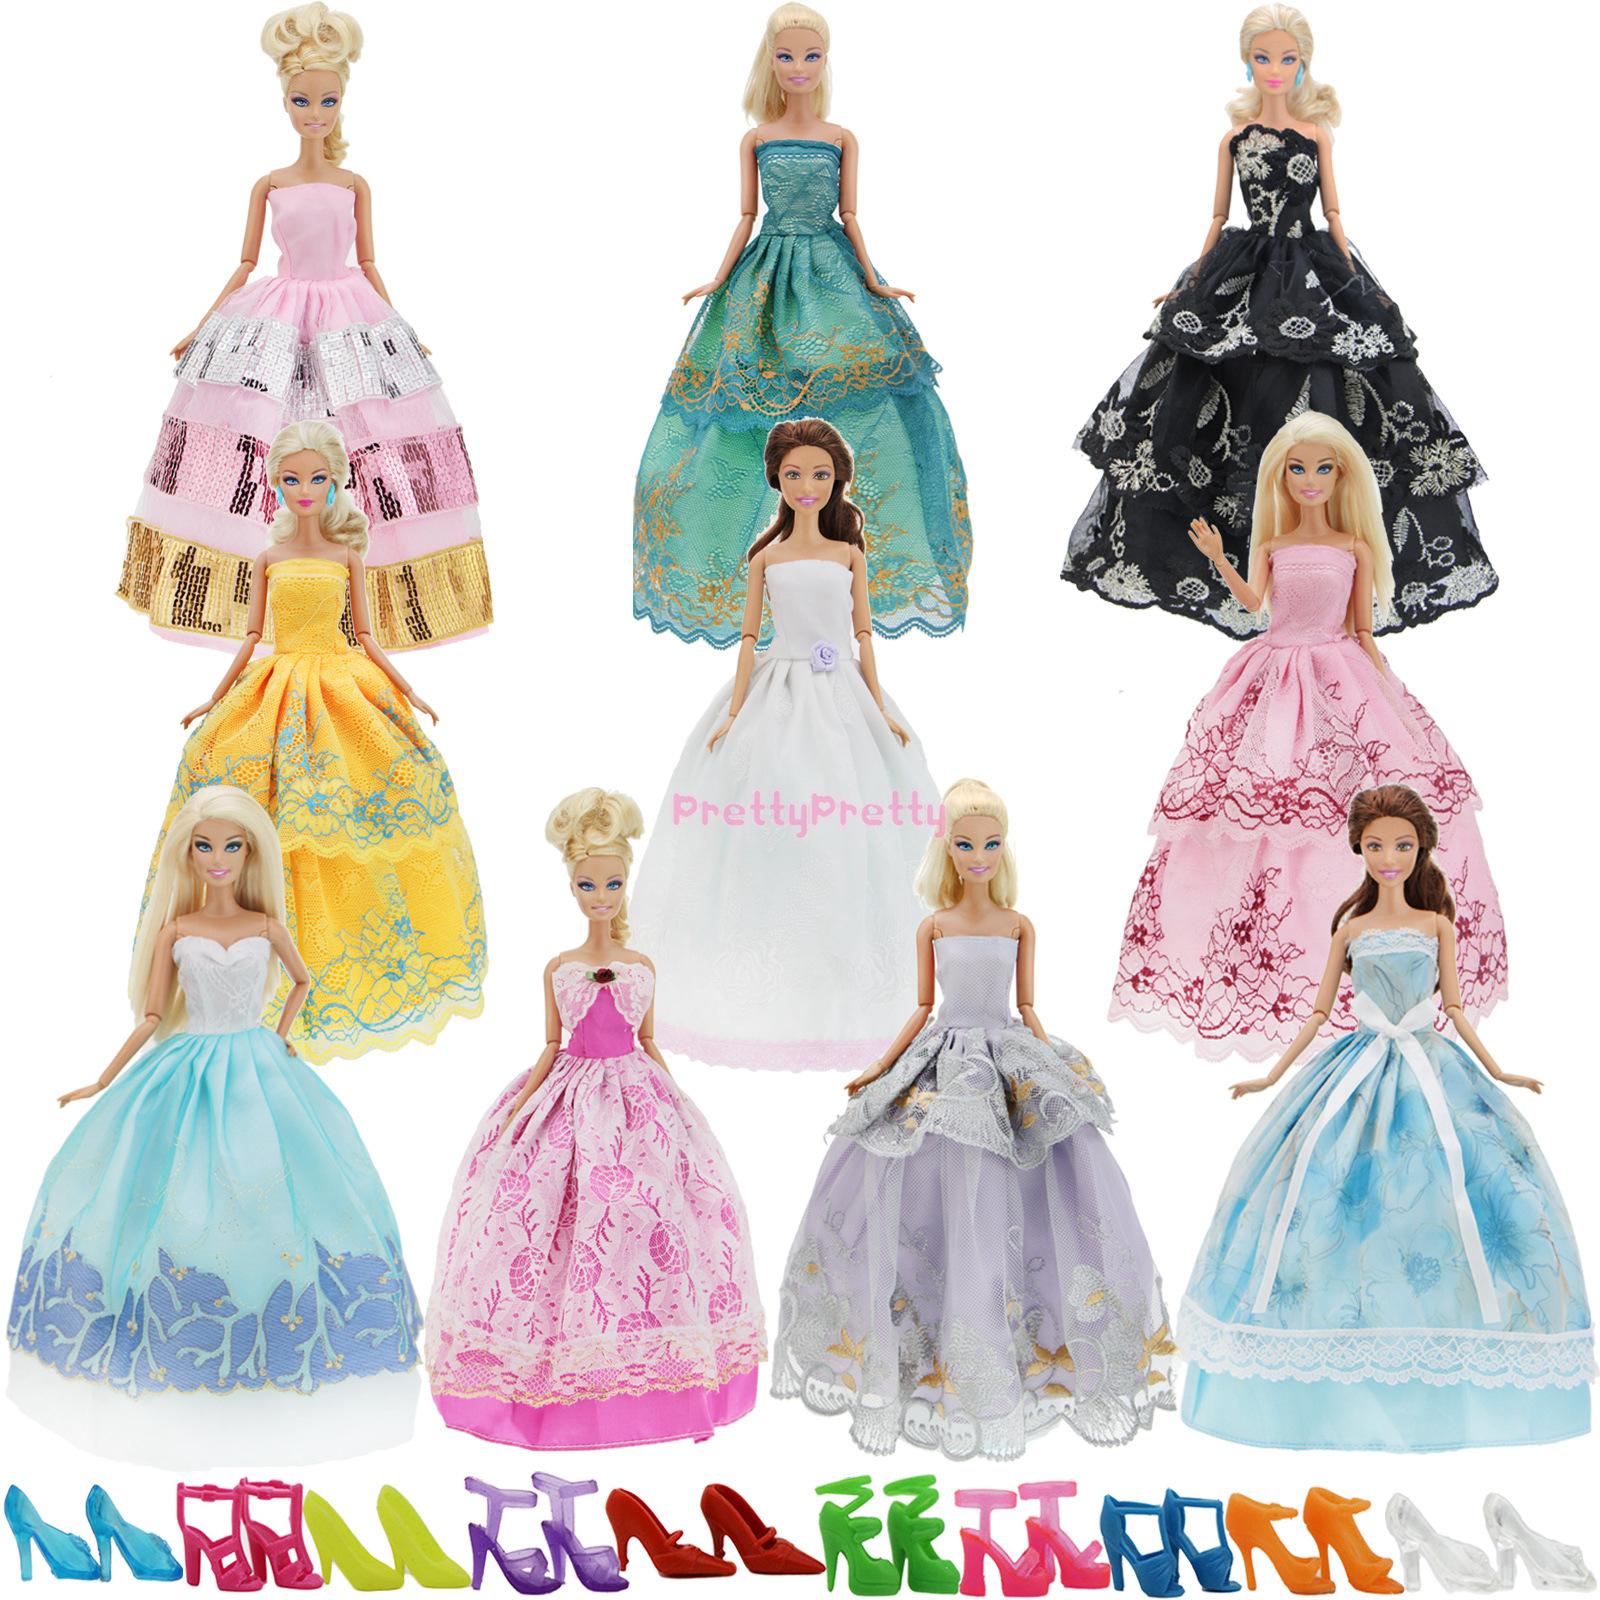 details zu gesamt zufällige 15 = 5 kleider & 10 schuhe hochzeit kleidung  für barbie puppen